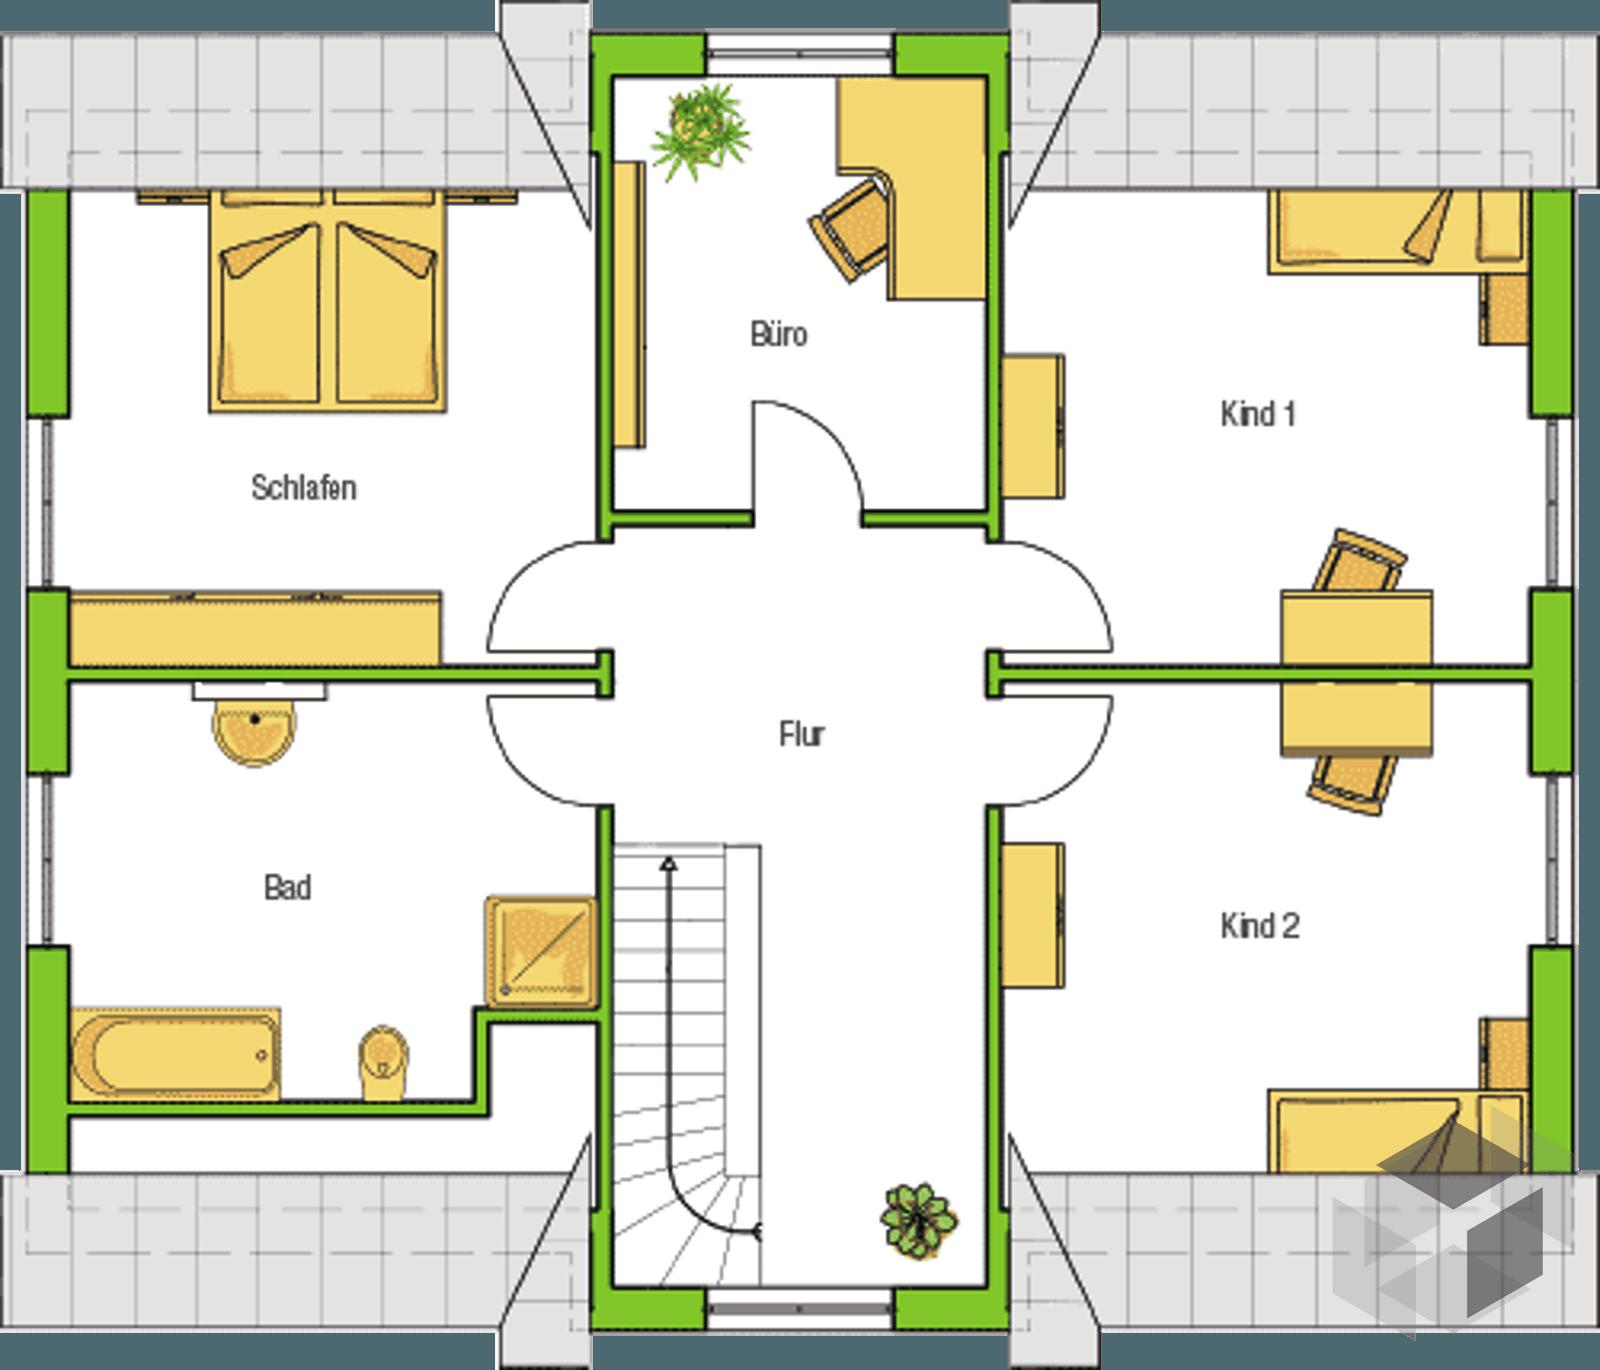 hamburg von helma eigenheimbau komplette daten bersicht. Black Bedroom Furniture Sets. Home Design Ideas